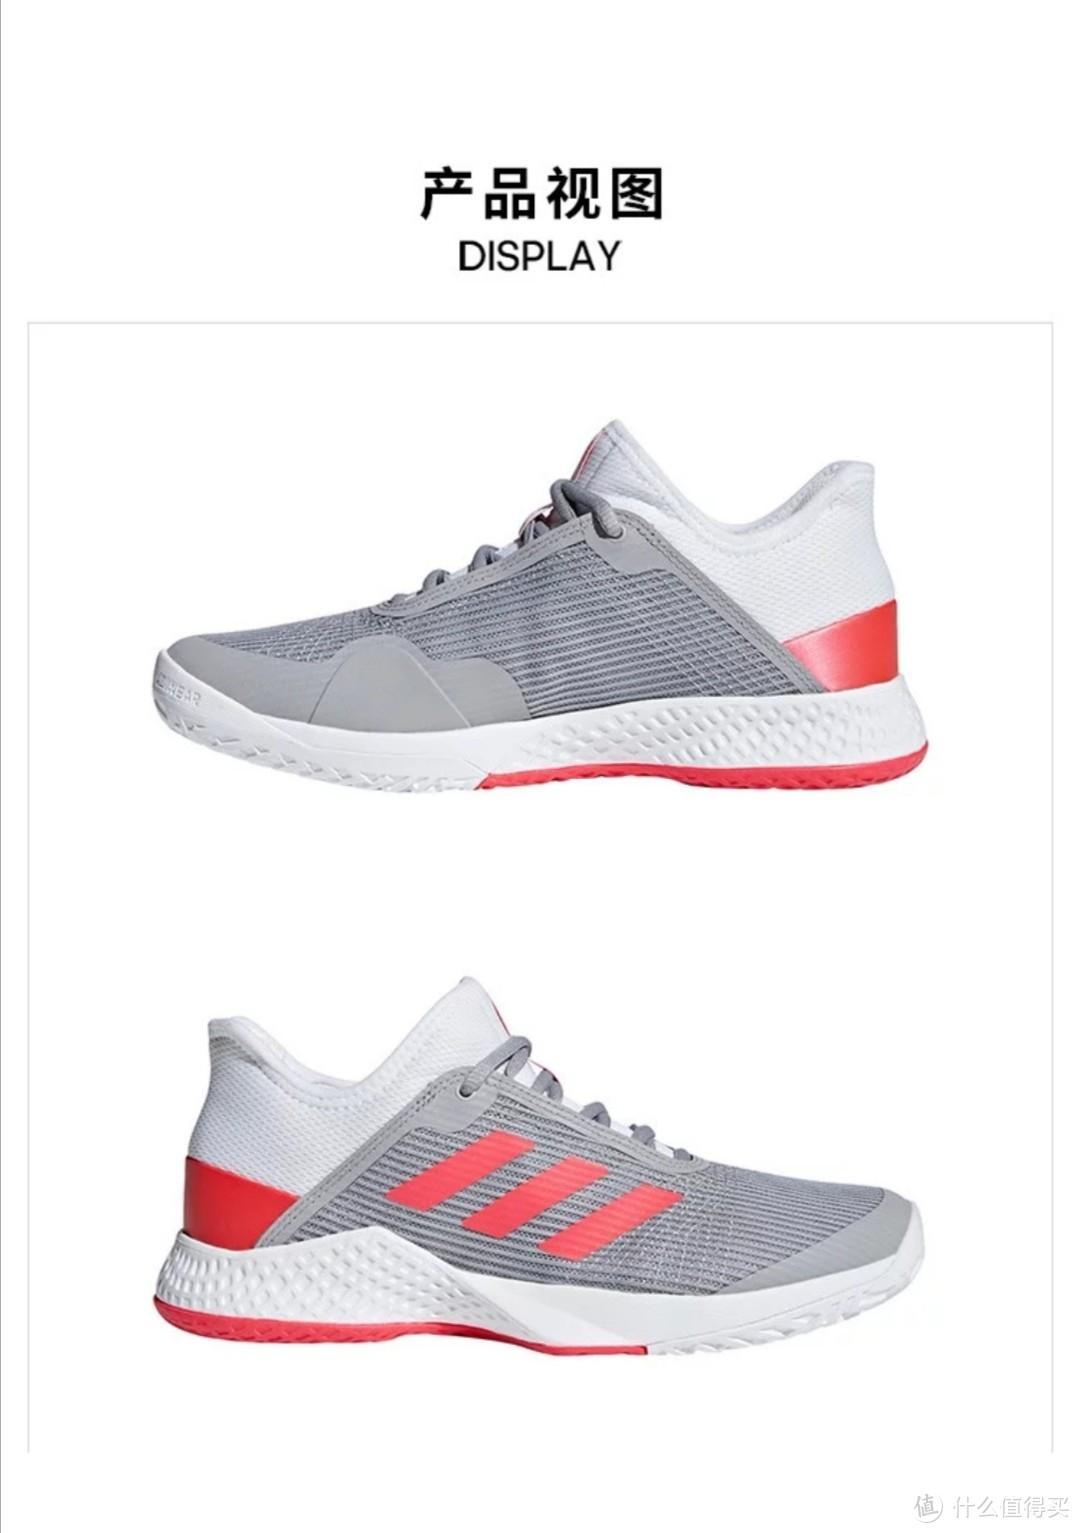 双十一疯狂购物节:我的第一双网球鞋—adizero系列低帮透气网球鞋